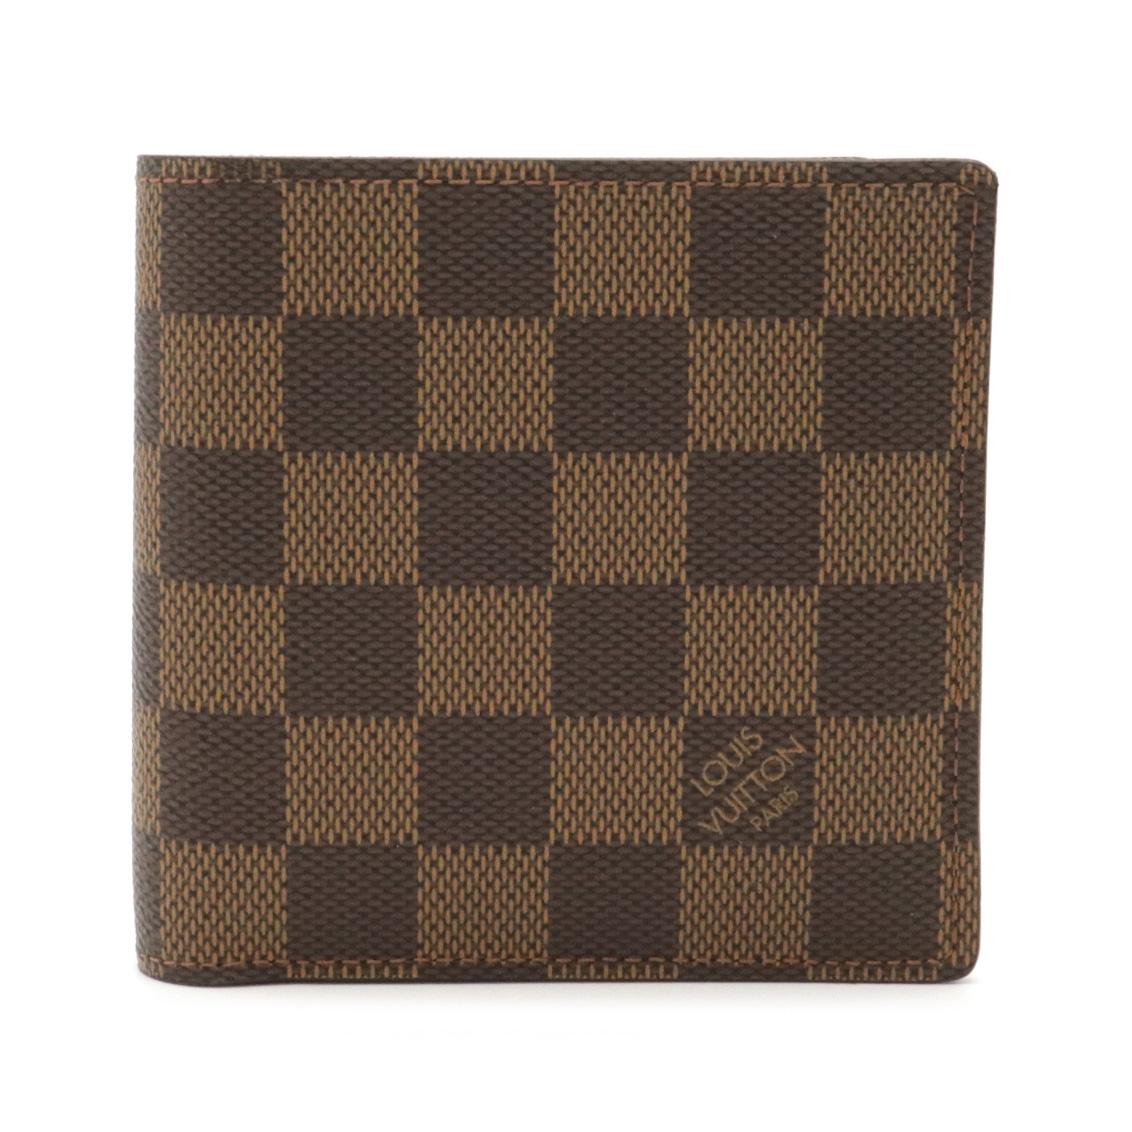 Sランク品 財布 LOUIS VUITTON ルイ ヴィトン ダミエ 公式ストア ポルトフォイユ 二つ折財布 中古 マルコ N61675 送料無料お手入れ要らず 2つ折財布